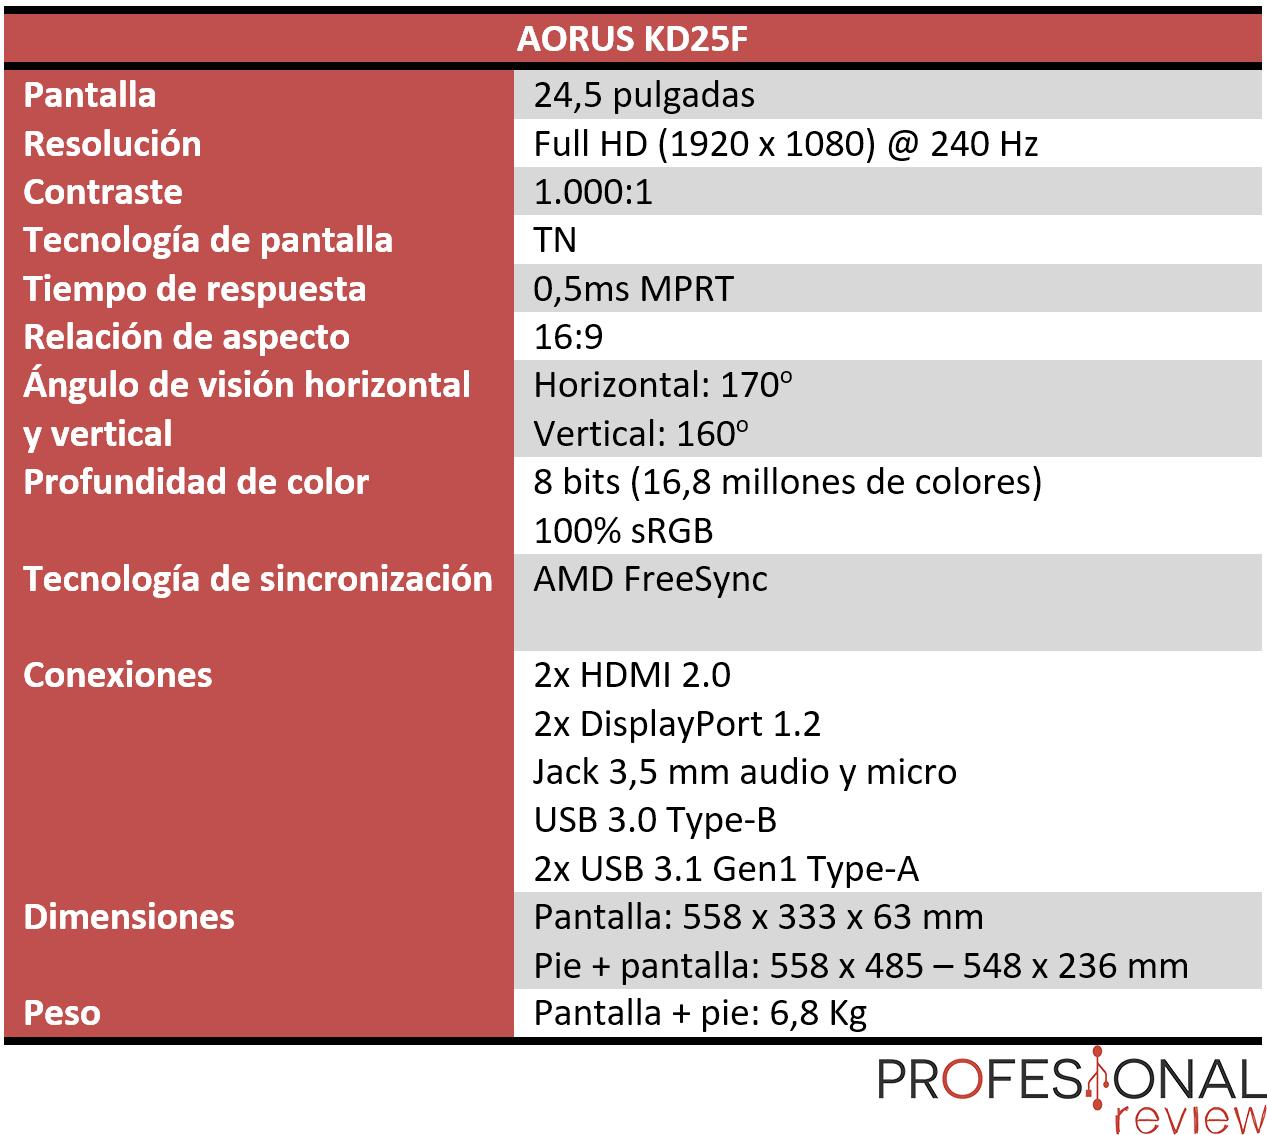 AORUS KD25F Características